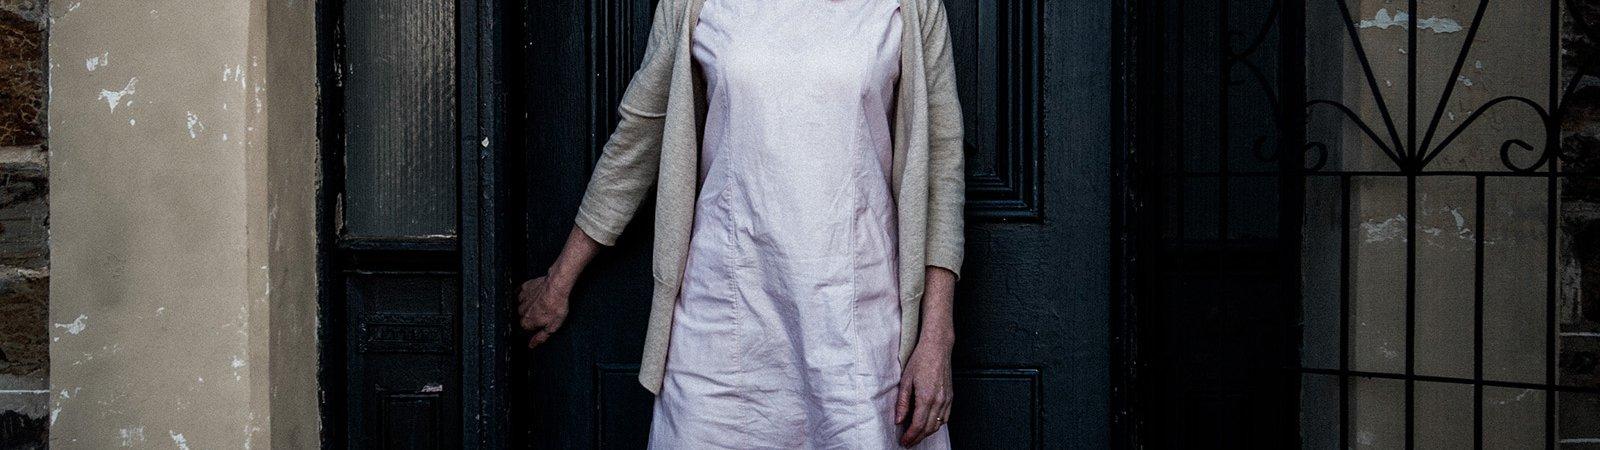 Photo dernier film Essie Davis